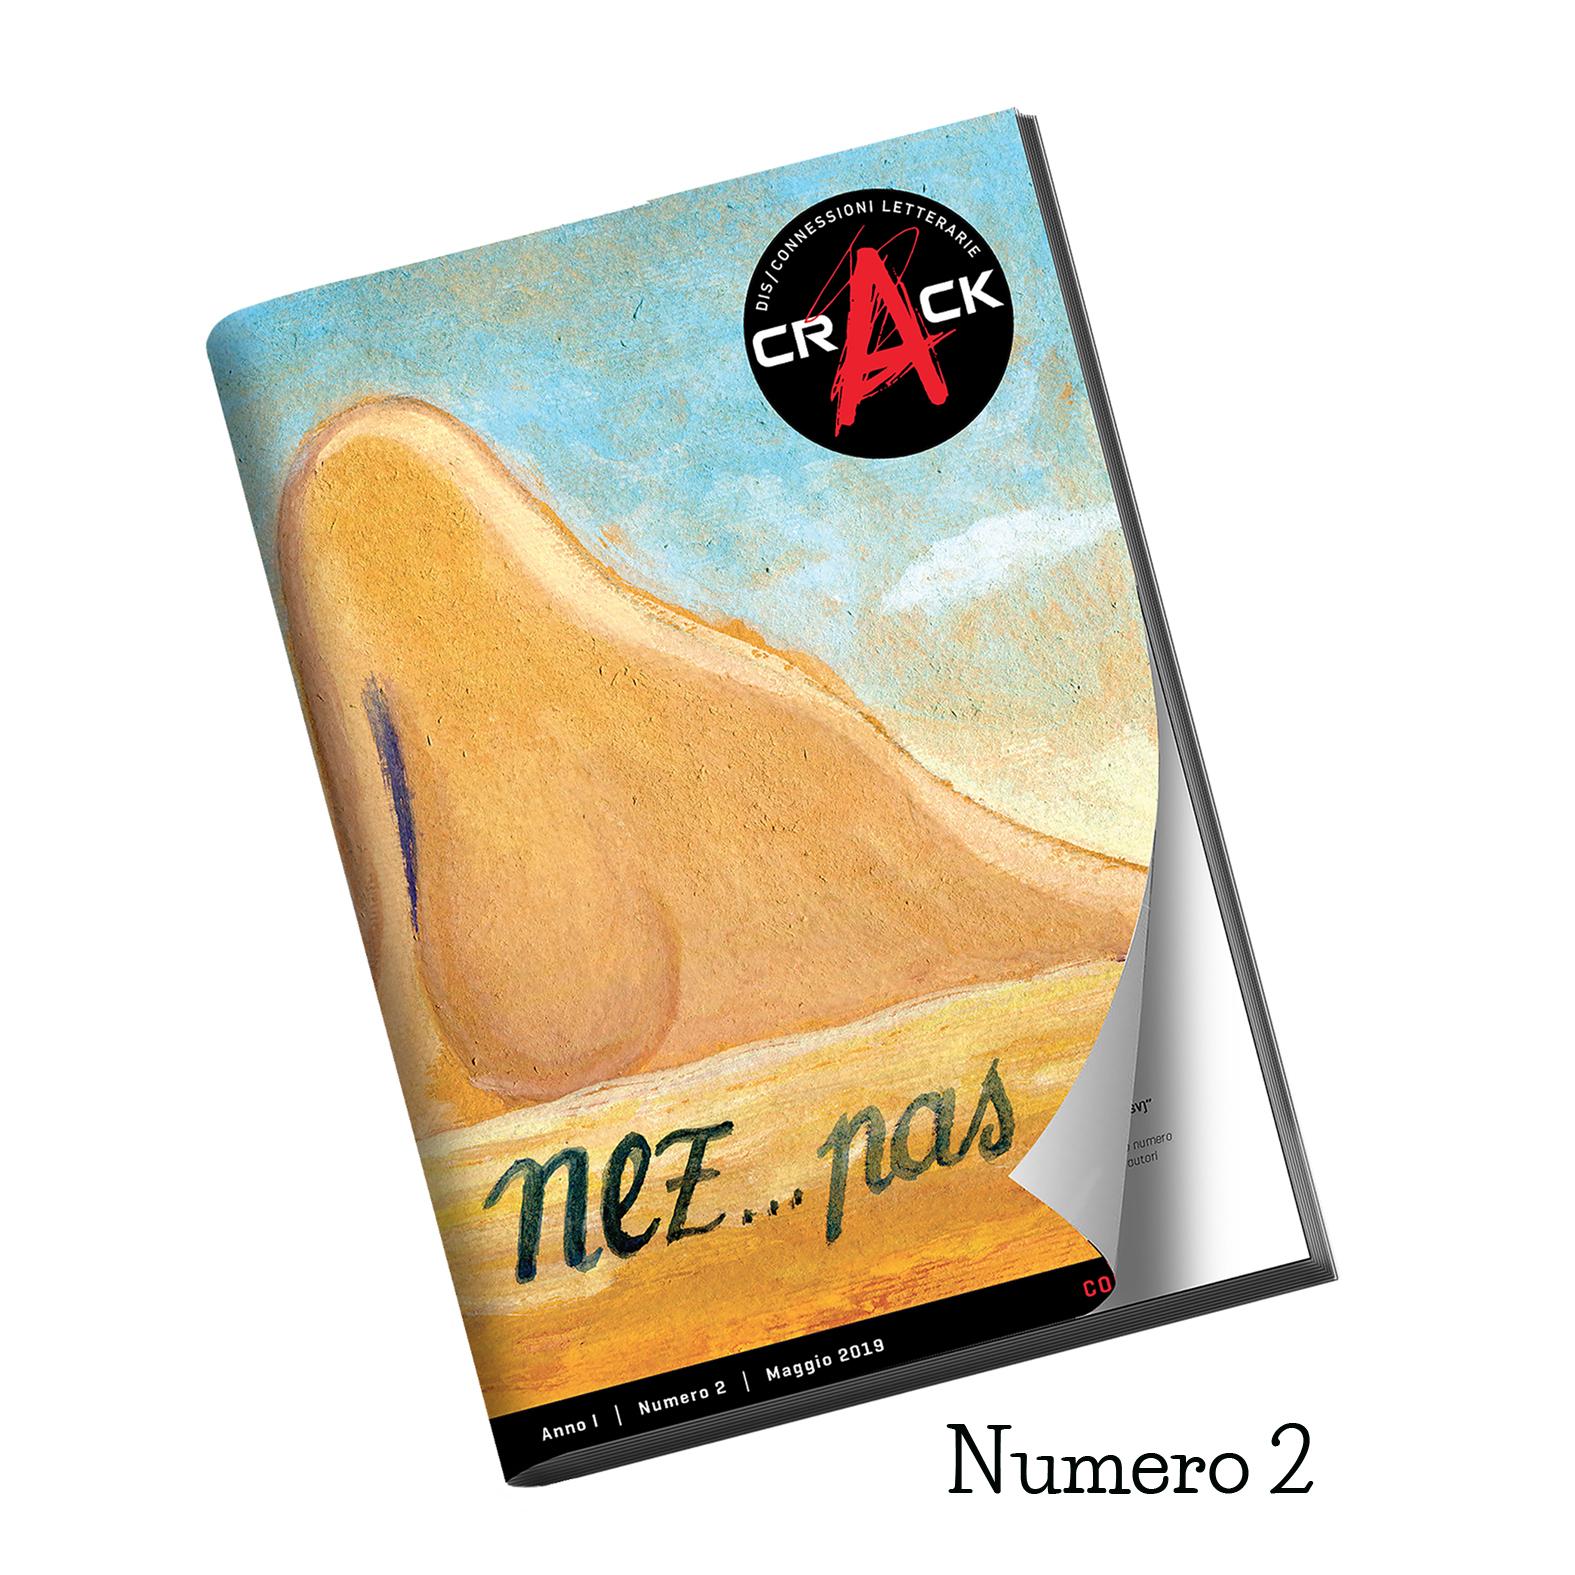 CRACK Numero 1